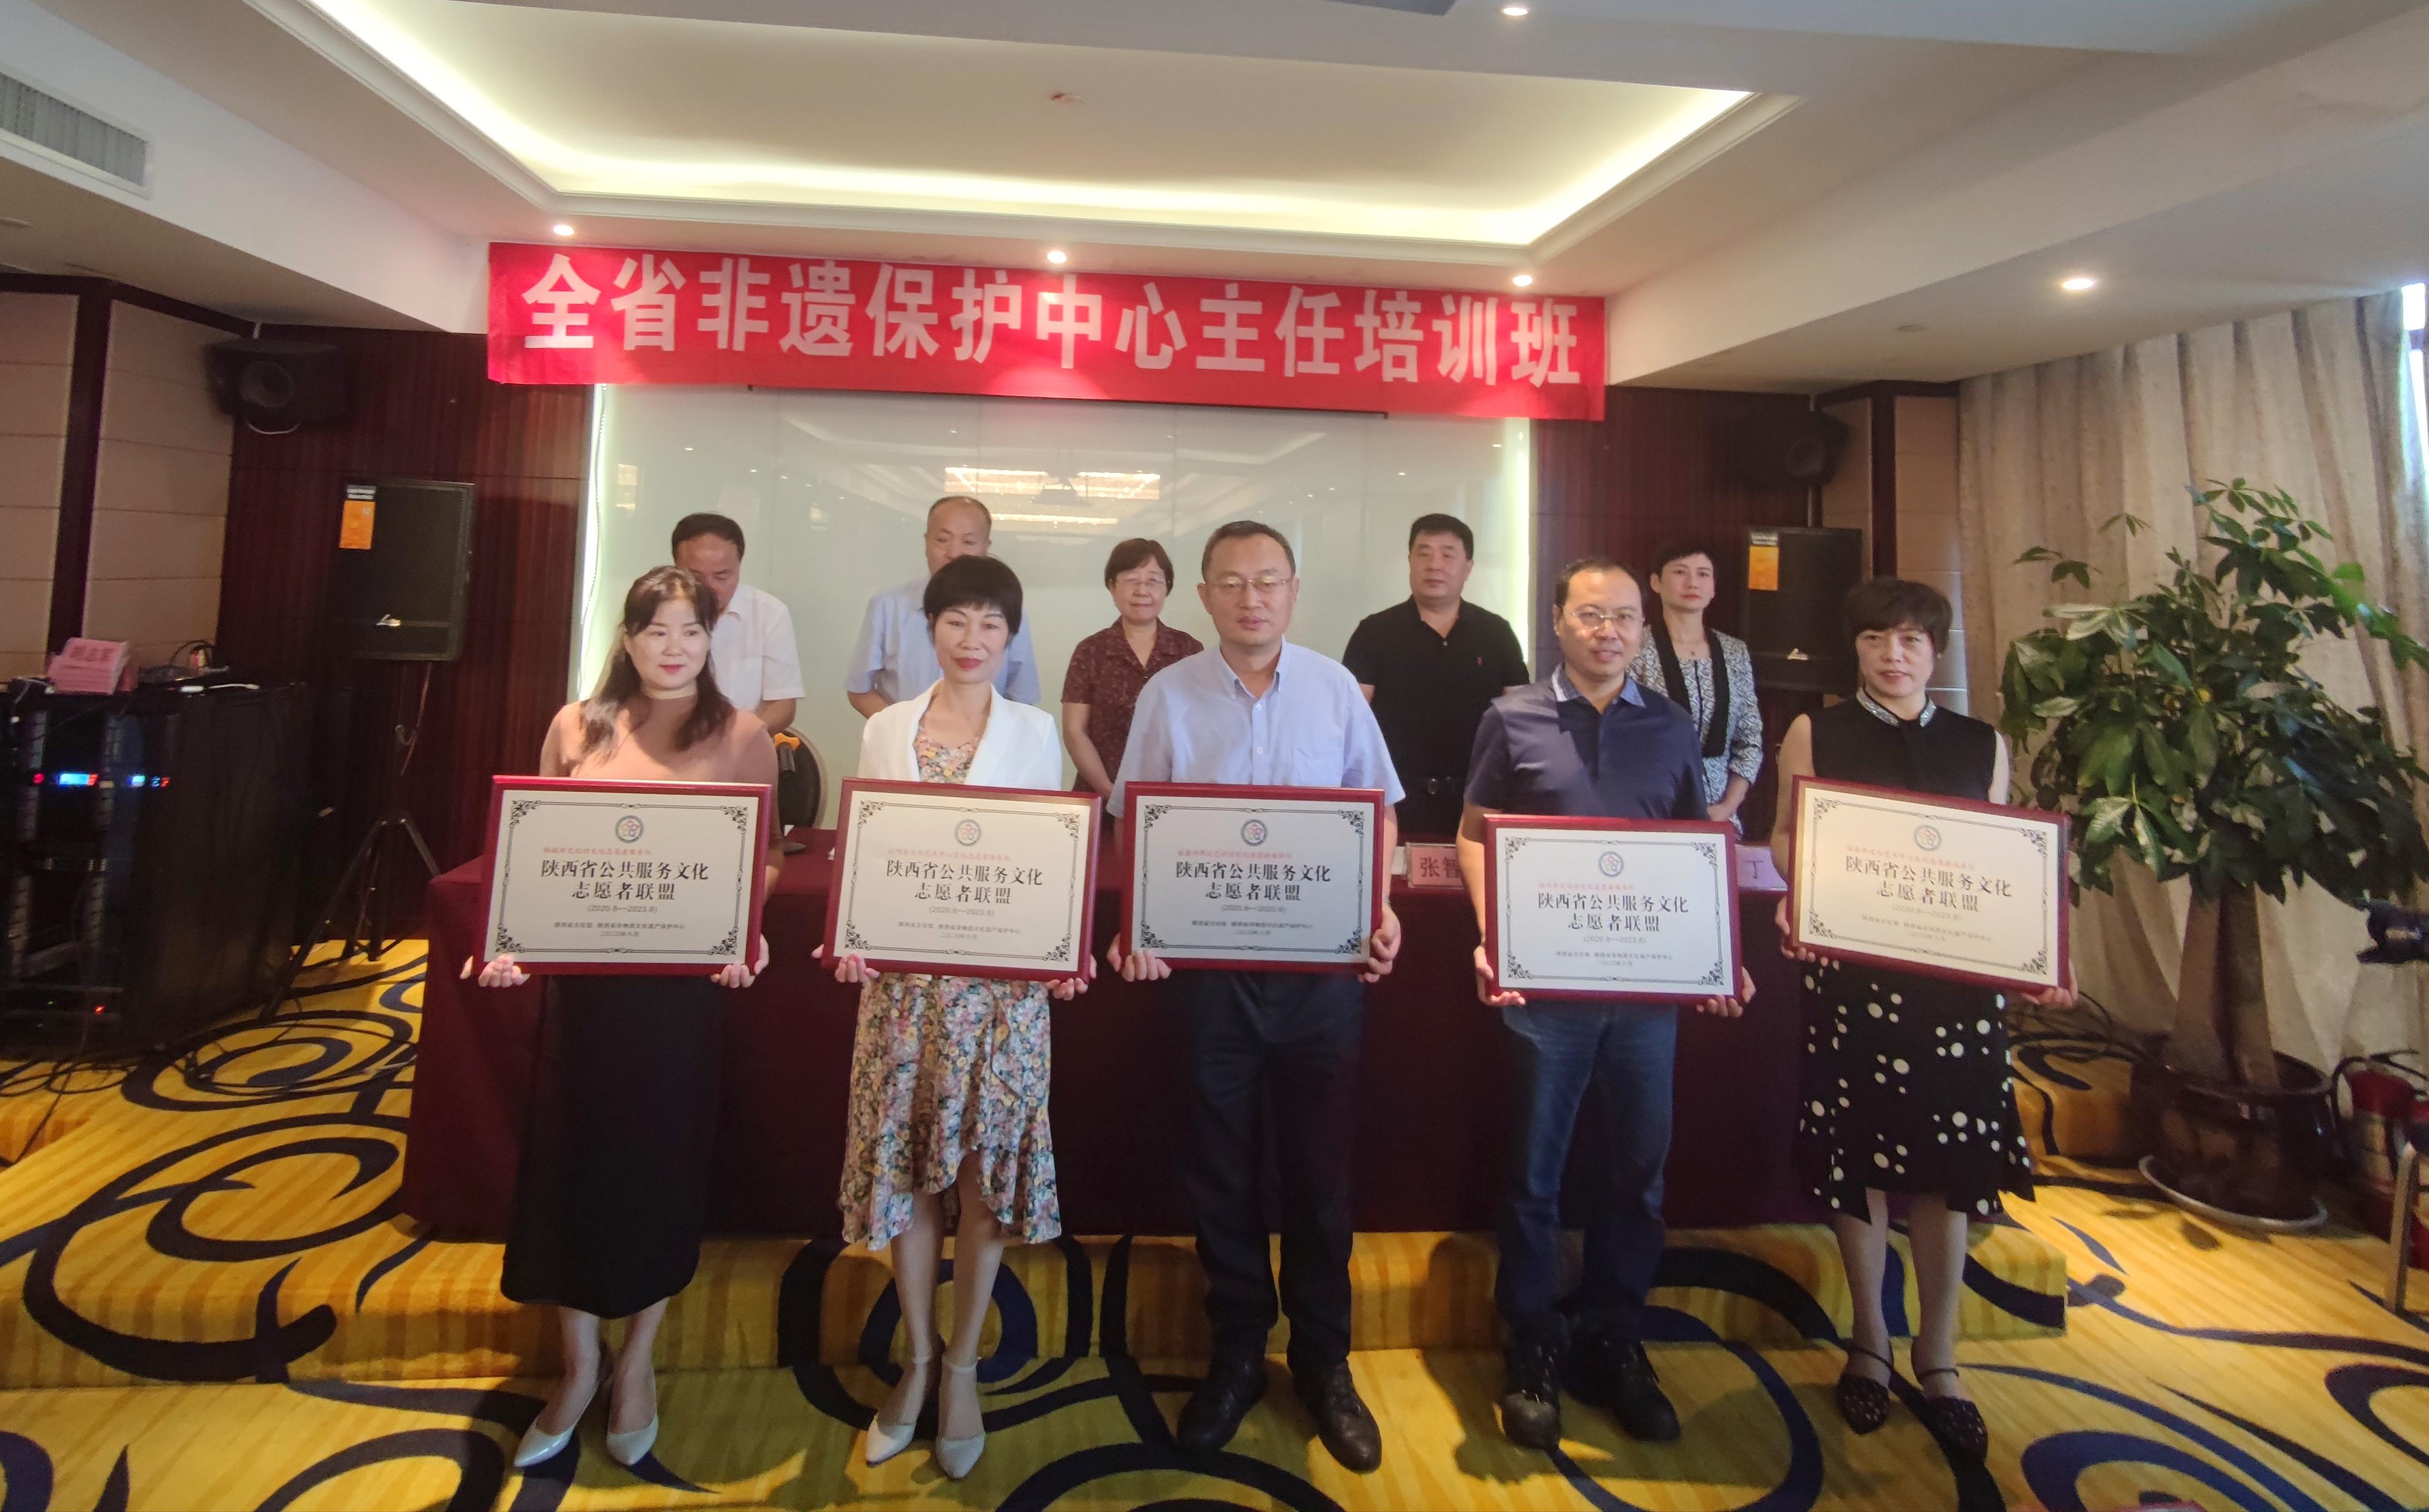 陕西省公共服务文化志愿者联盟成立